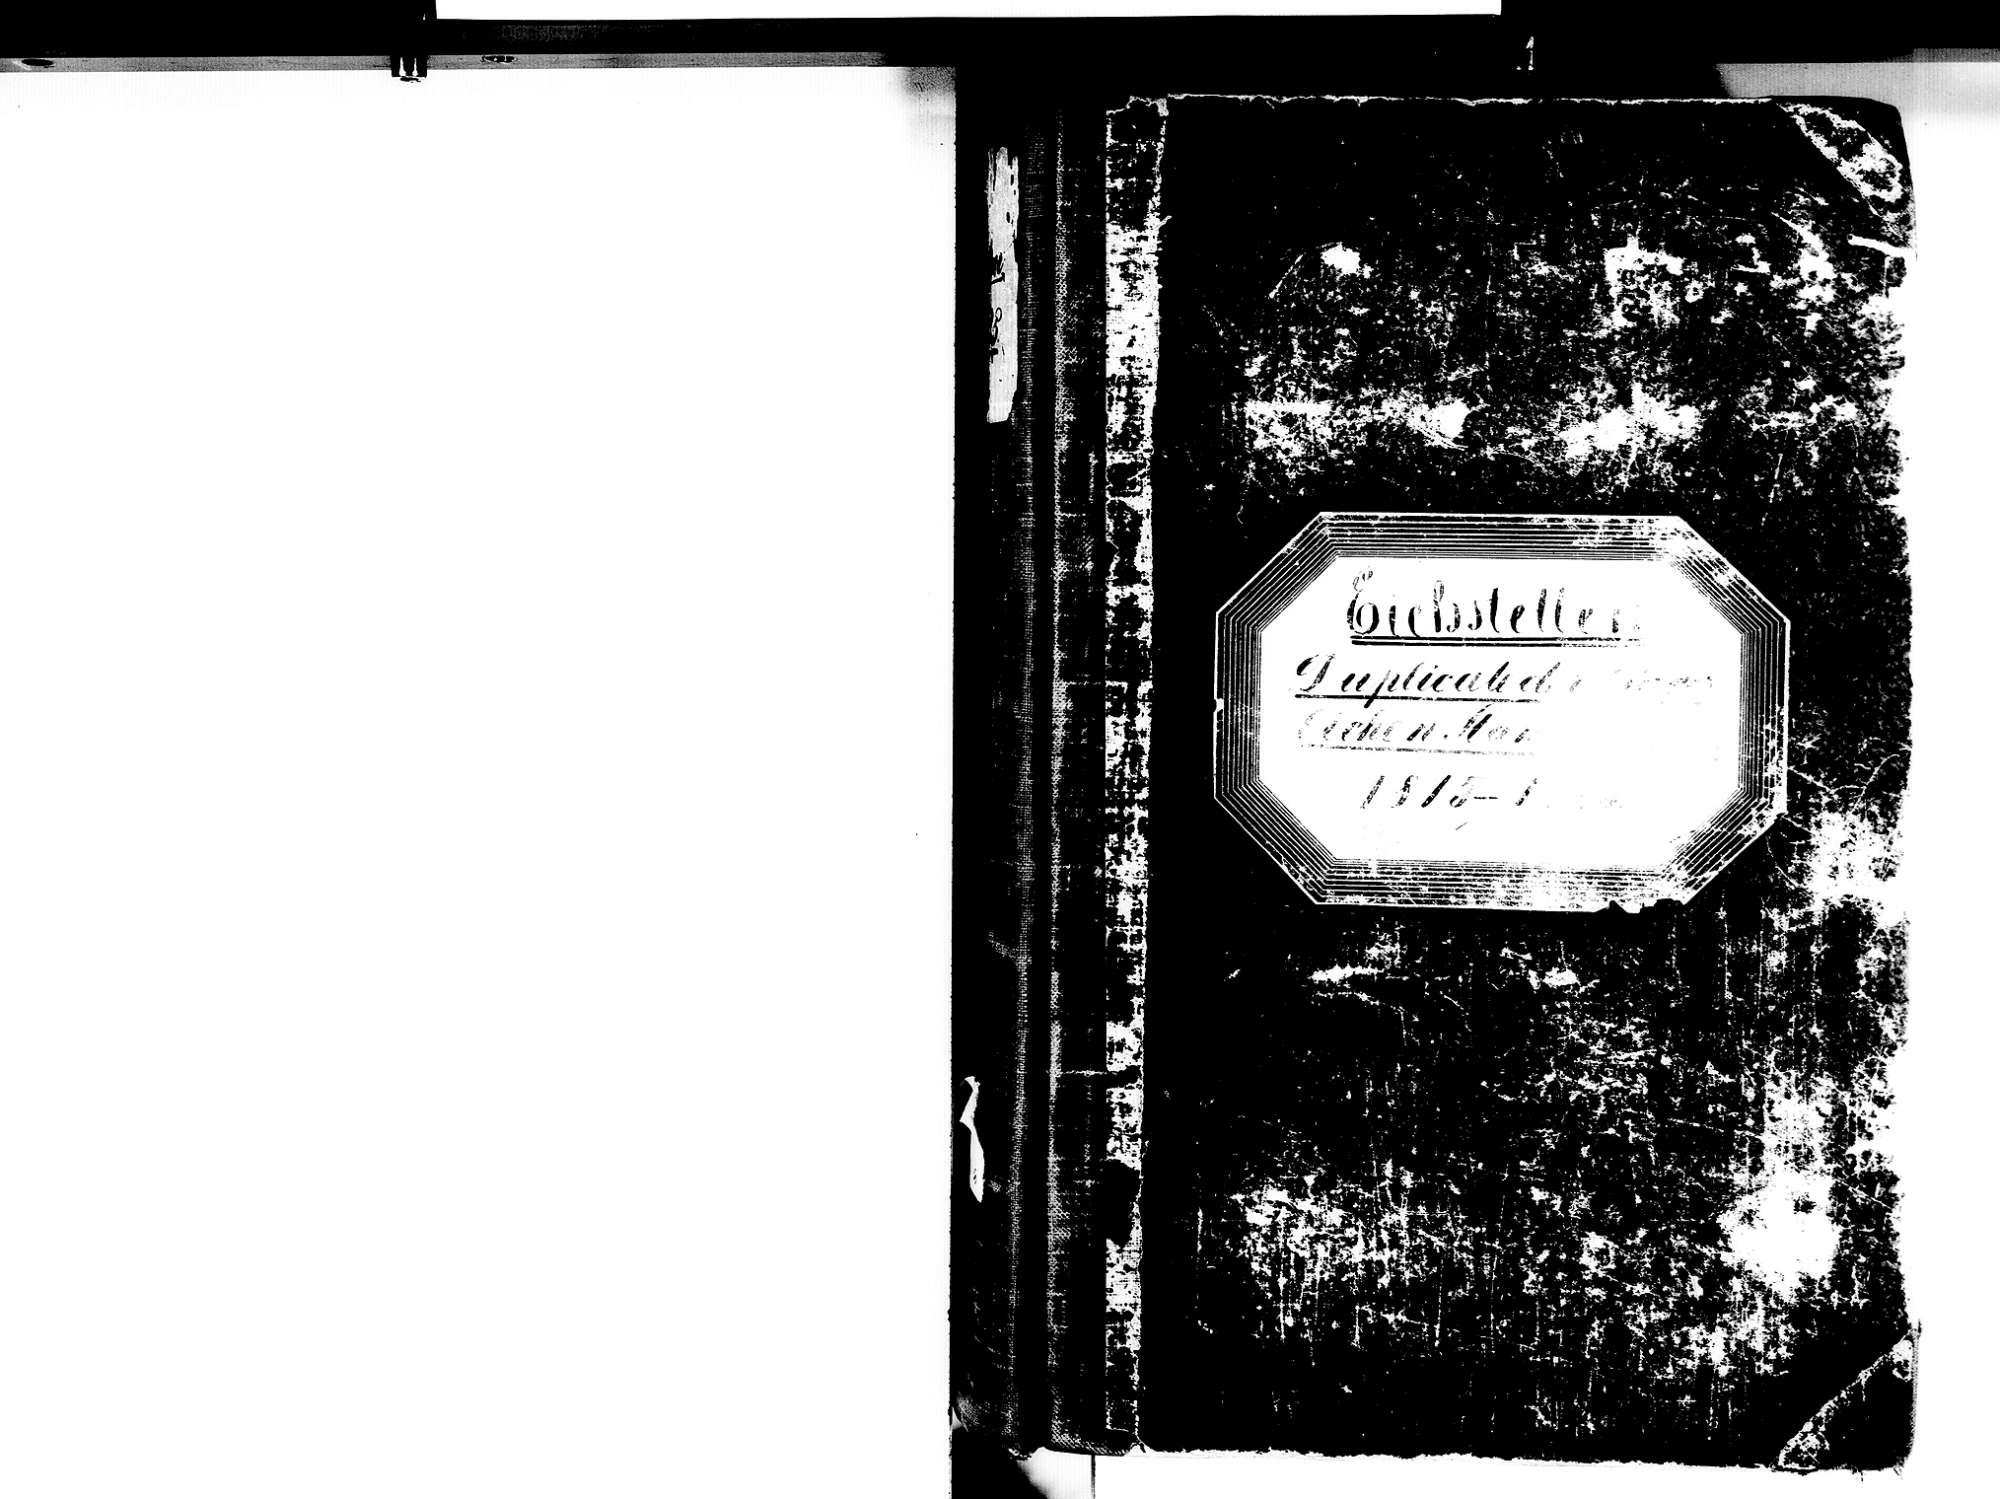 Eichstetten FR; Evangelische Gemeinde: Standesbuch 1815-1825 Eichstetten FR; Israelitische Gemeinde: Standesbuch 1815-1825, Bild 2